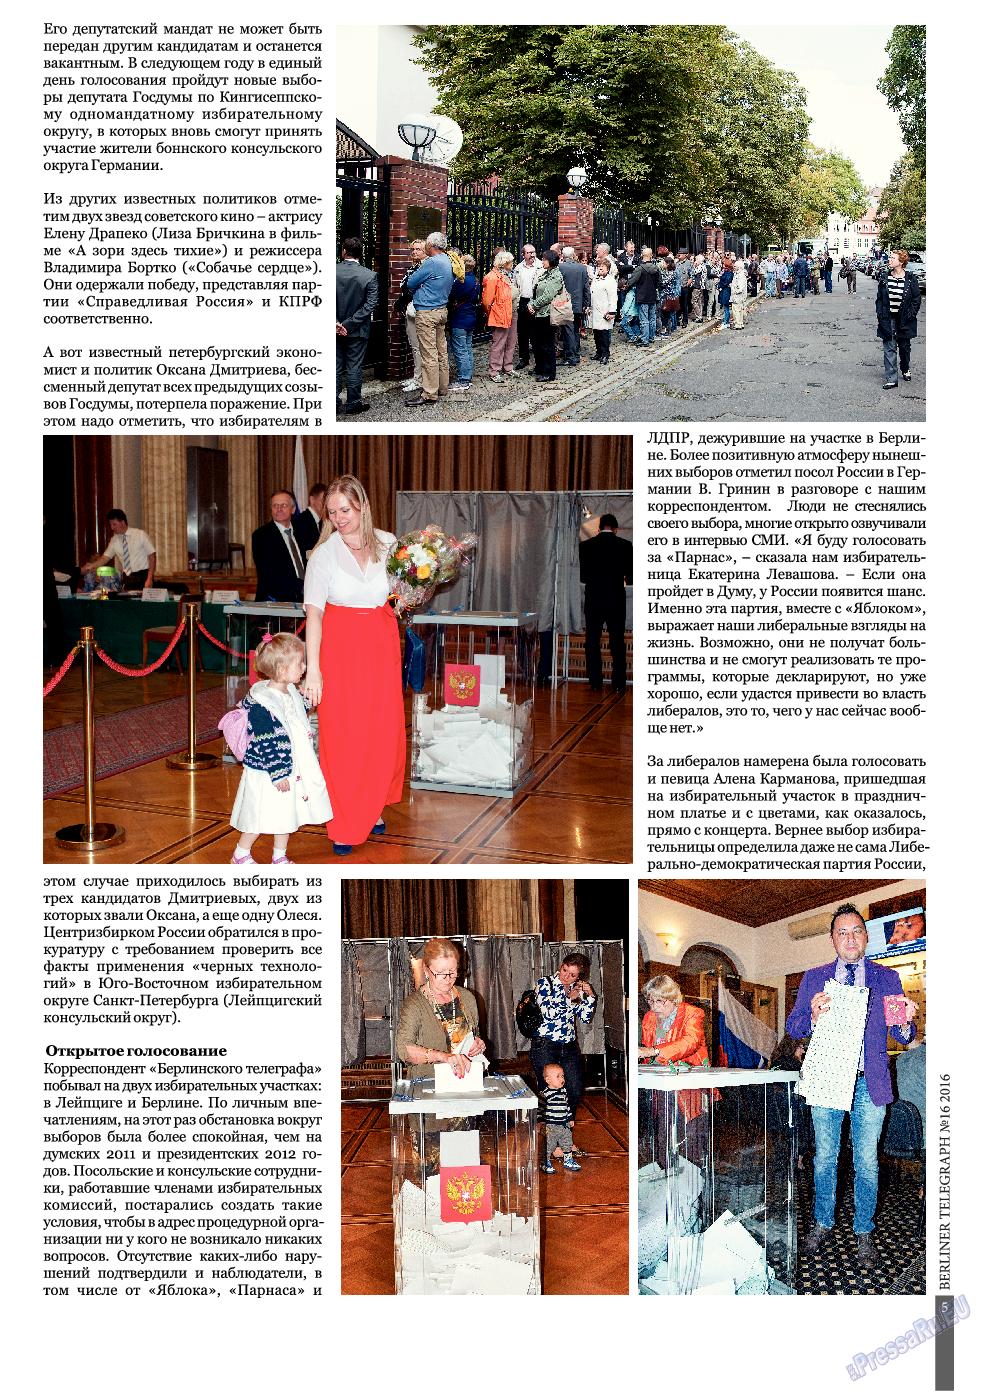 Берлинский телеграф (журнал). 2016 год, номер 16, стр. 5